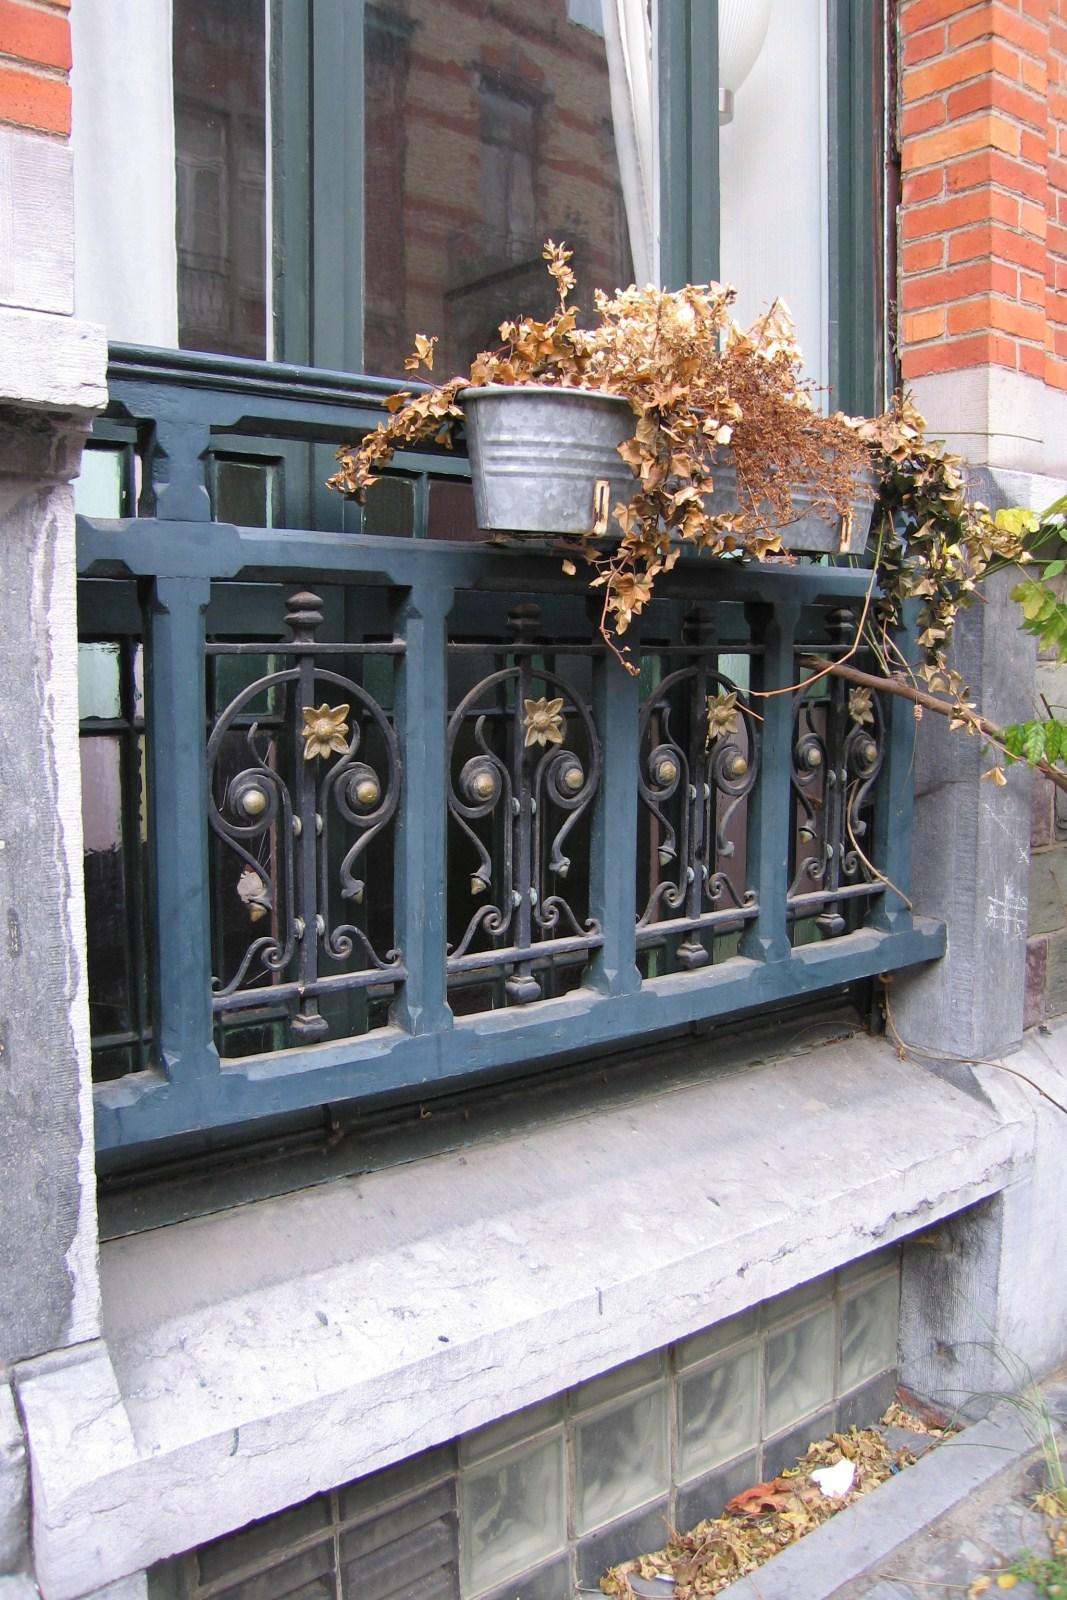 Bruxelles extension est rue de l 39 inquisition 26 lenoir for Fenetre rez de chaussee